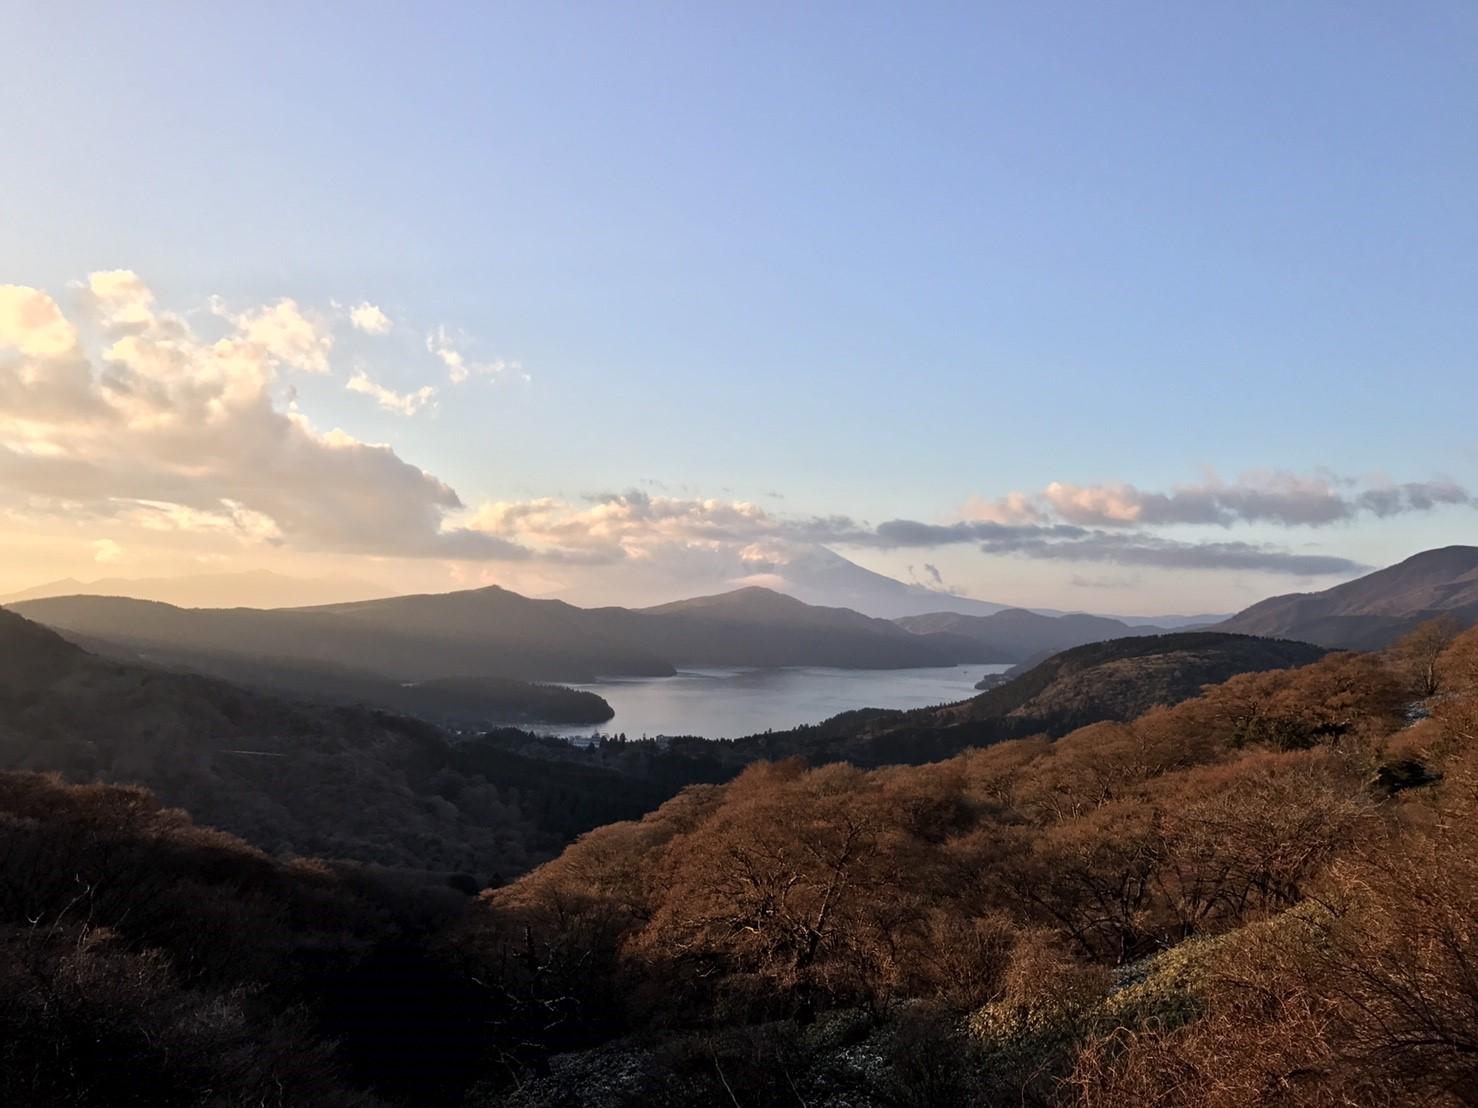 箱根でサイクリングしてきました!ヒルクライムに挑戦☆箱根〜芦ノ湖〜大観山〜湯河原